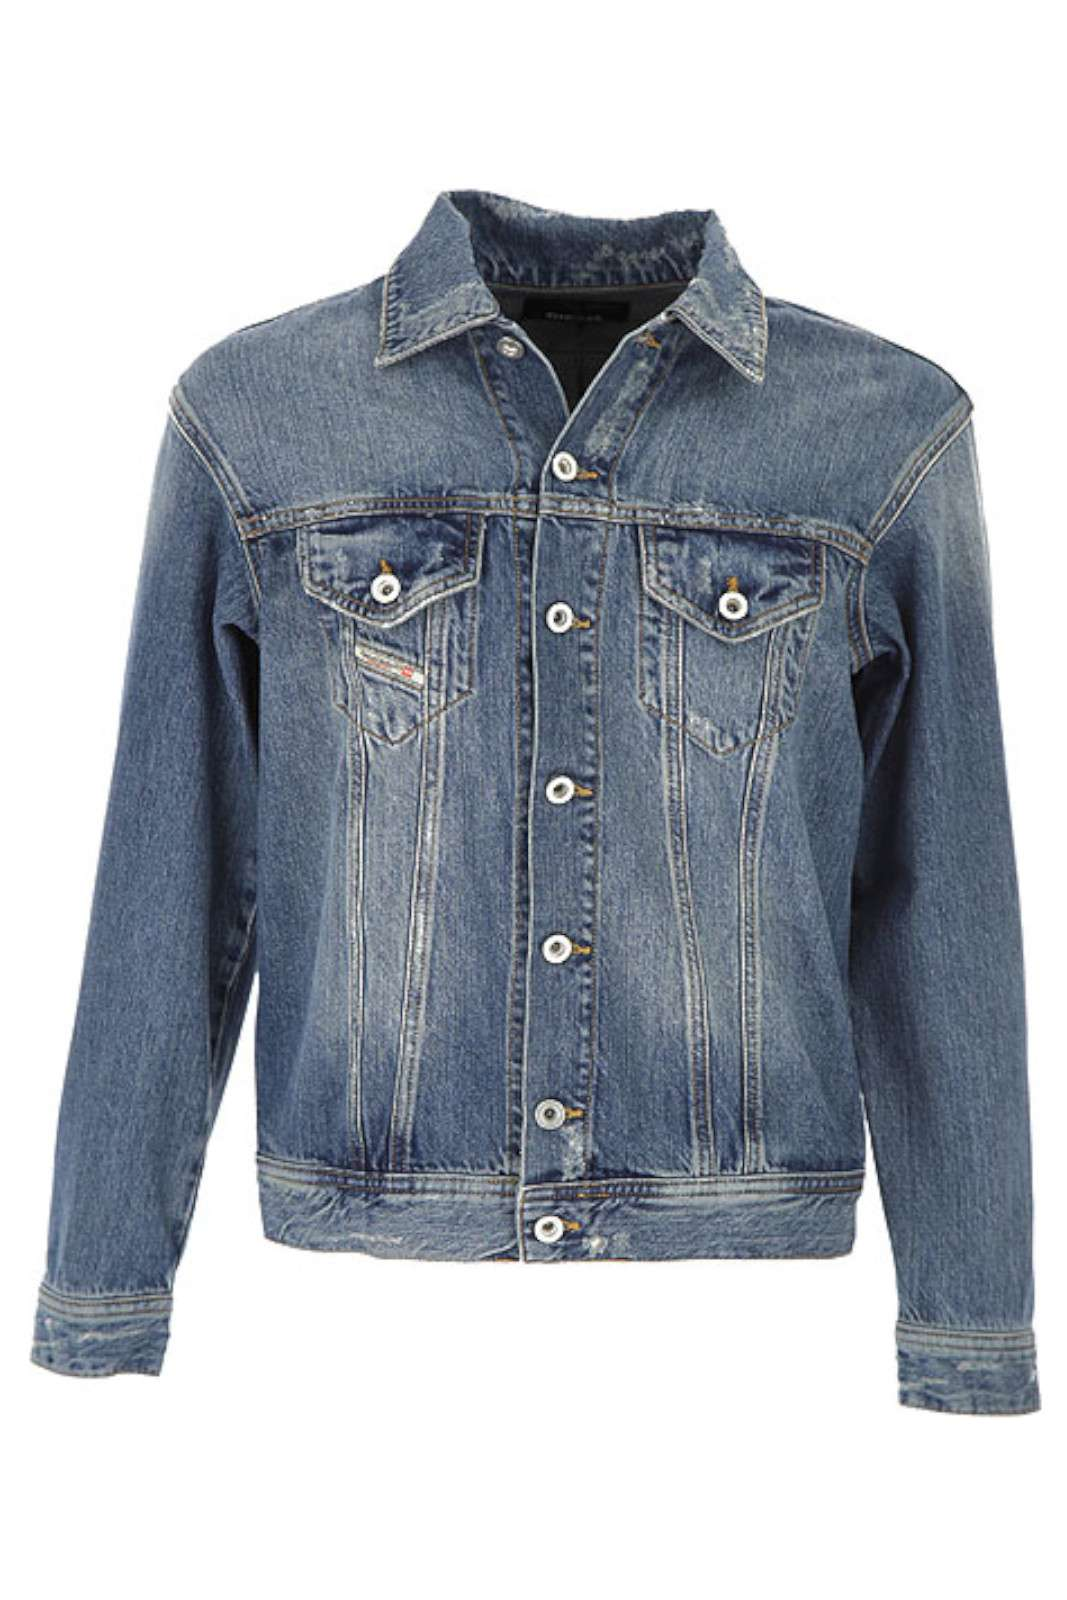 Un jacket in denim, stile anni '90, firmato Diesel, per regalare al tuo bambino un look chic e curato. Impreziosito da un maxi logo sulla schiena, sarà l'ideale per le serate primaverili. Per outfit accattivanti e street.